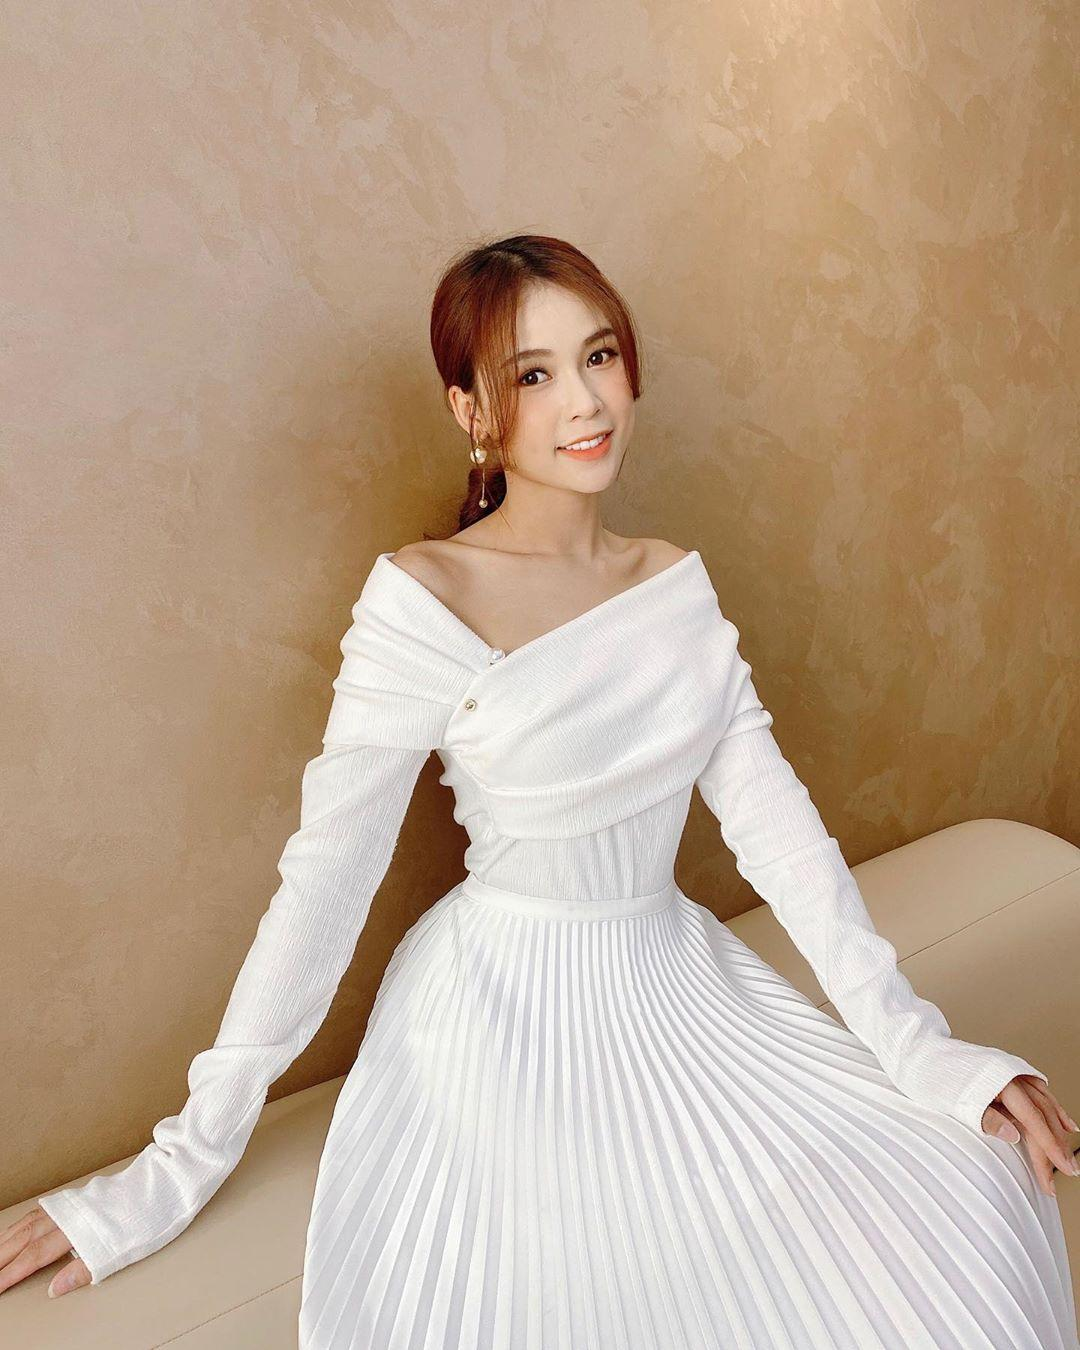 Đỗ Mỹ Linh - Tiểu Vy say đắm với váy đầm xếp pli rực rỡ như thiên thần Ảnh 7